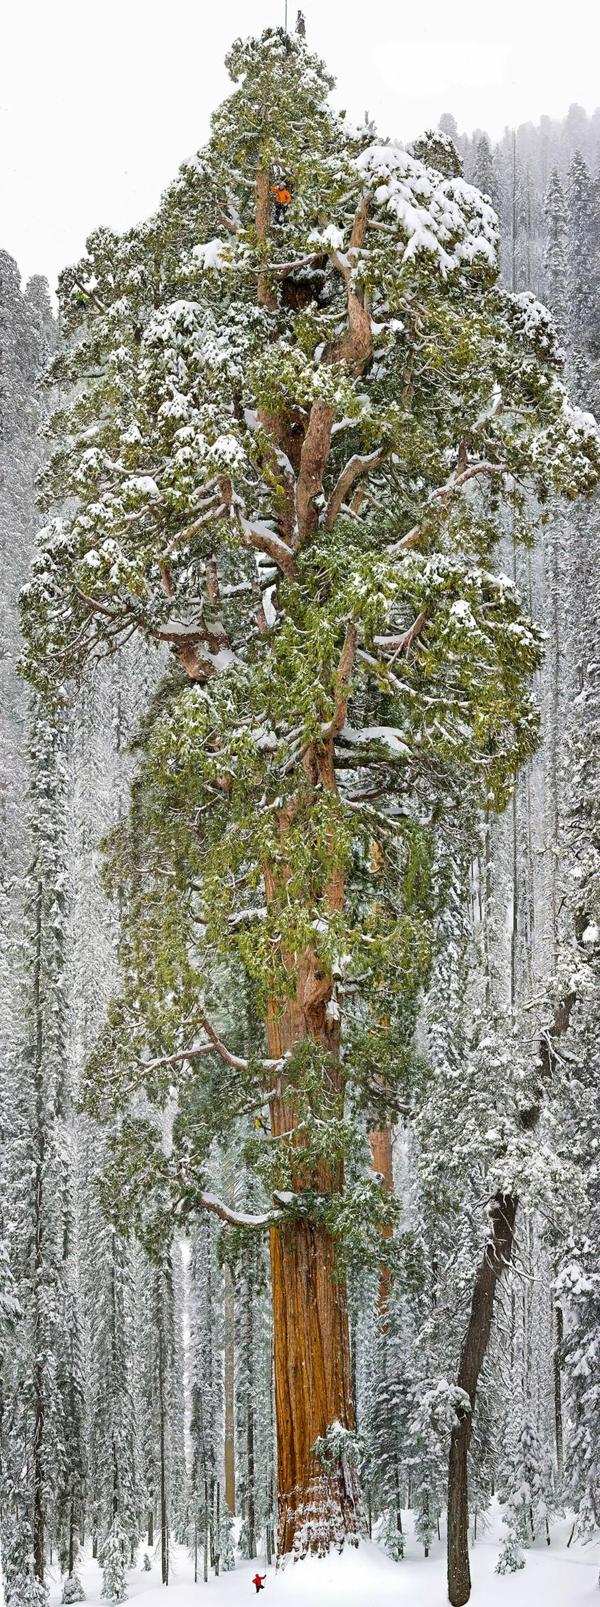 natur herrliche landschaft winter wald